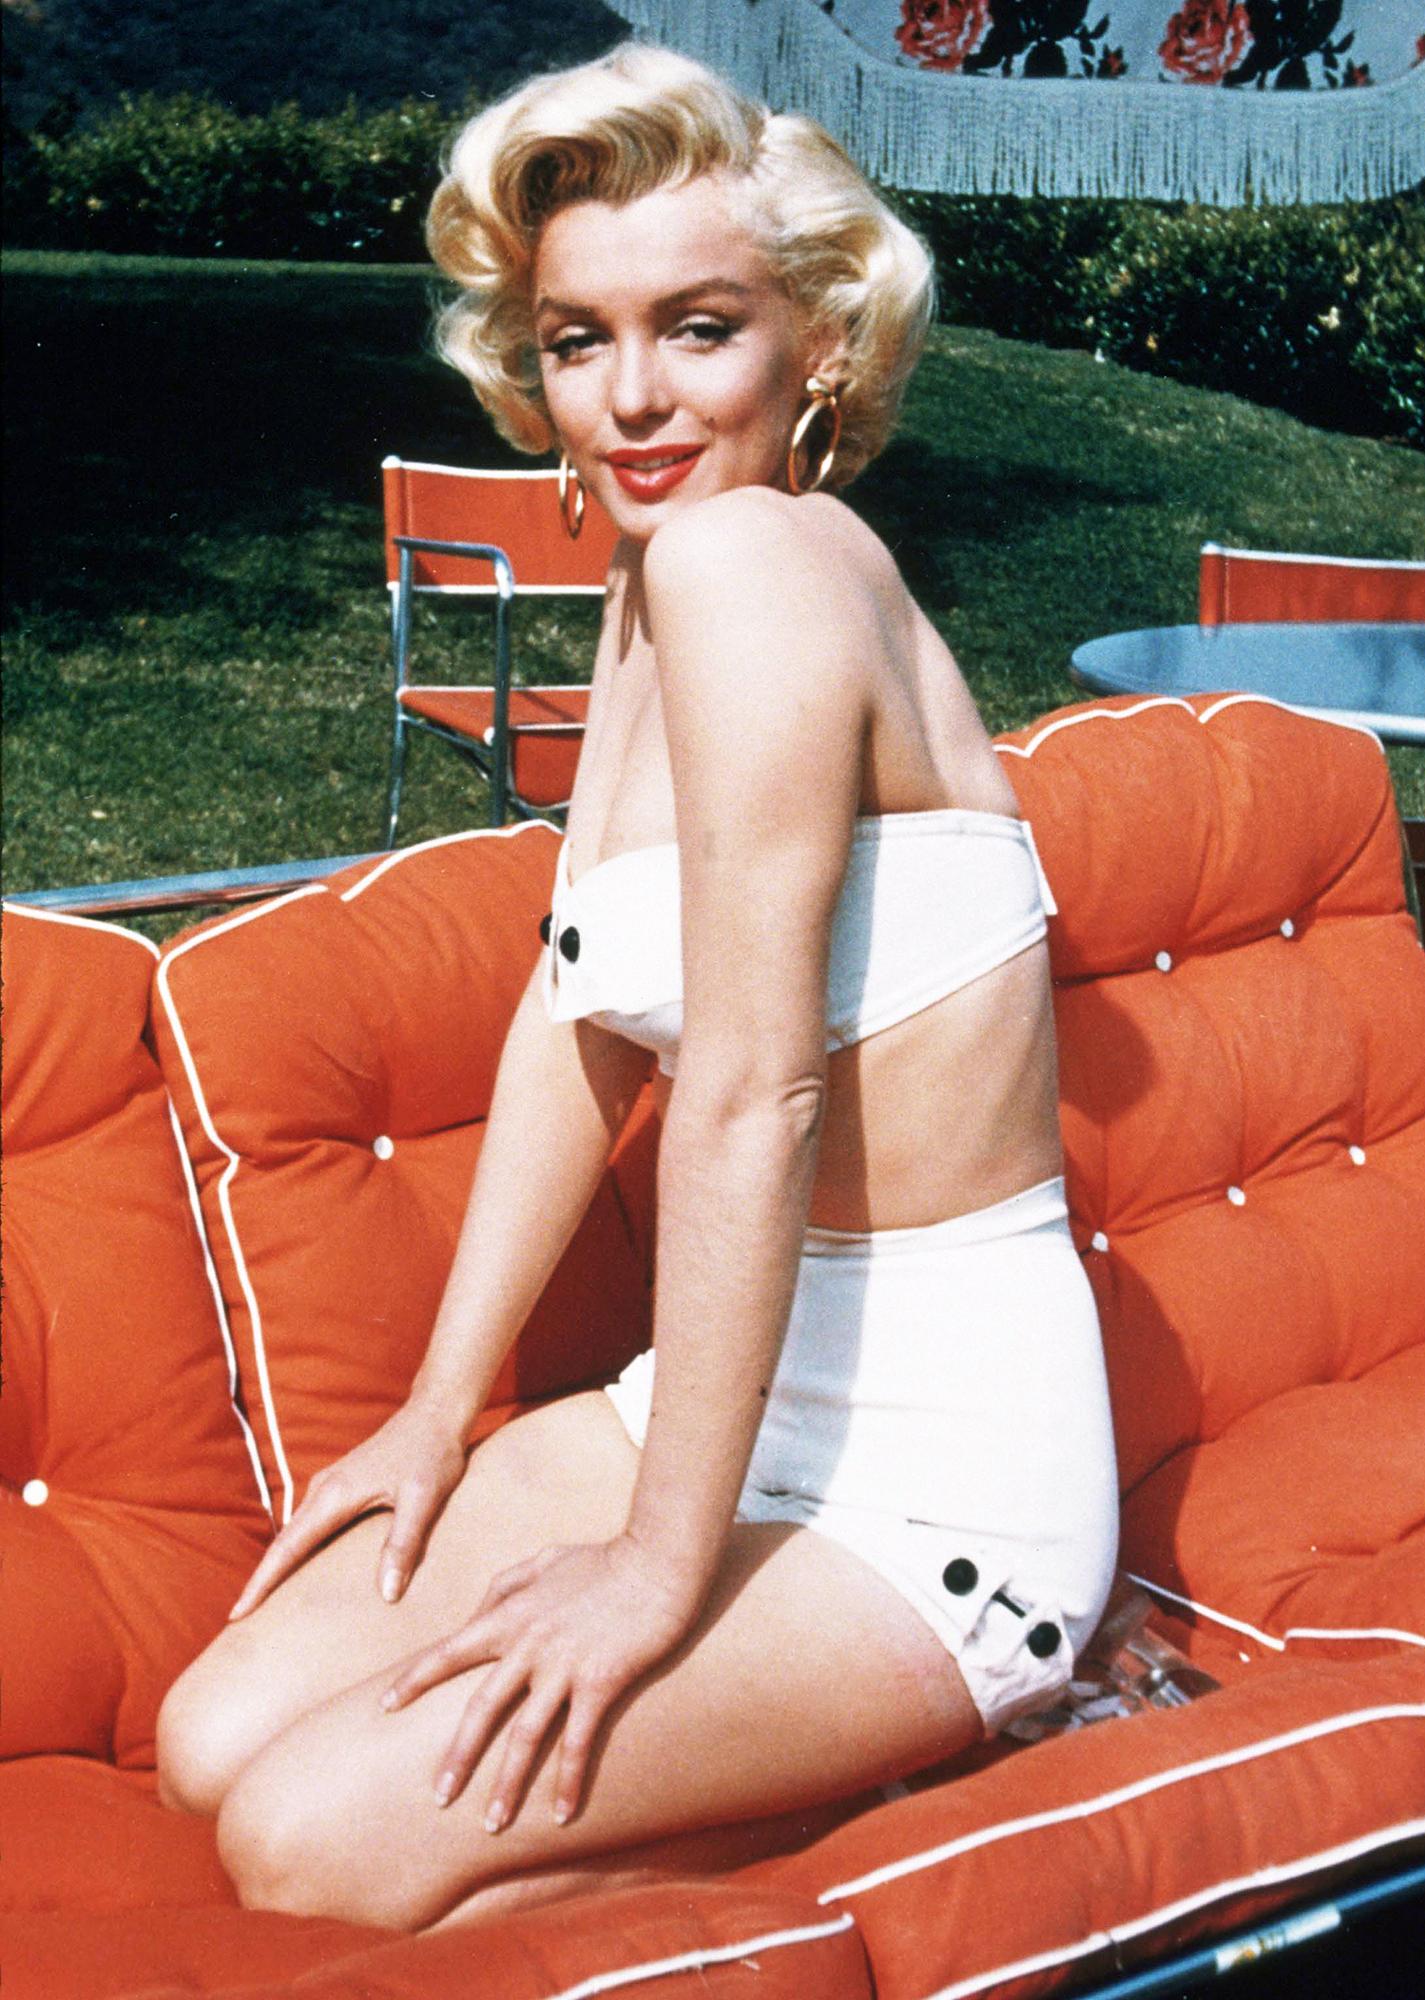 'It Was Murder!' Marilyn Monroe's Death Scene Showed Proof Of 'Police Corruption'